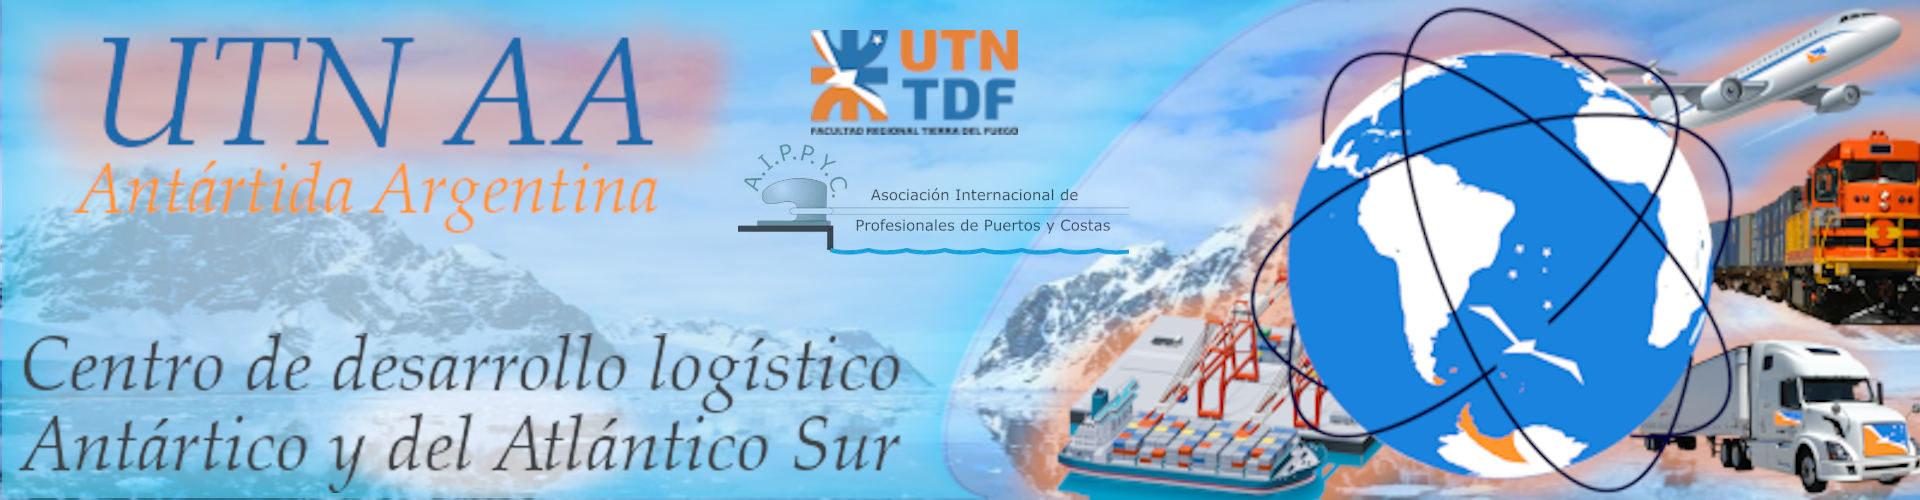 UTN Antártida Argentina